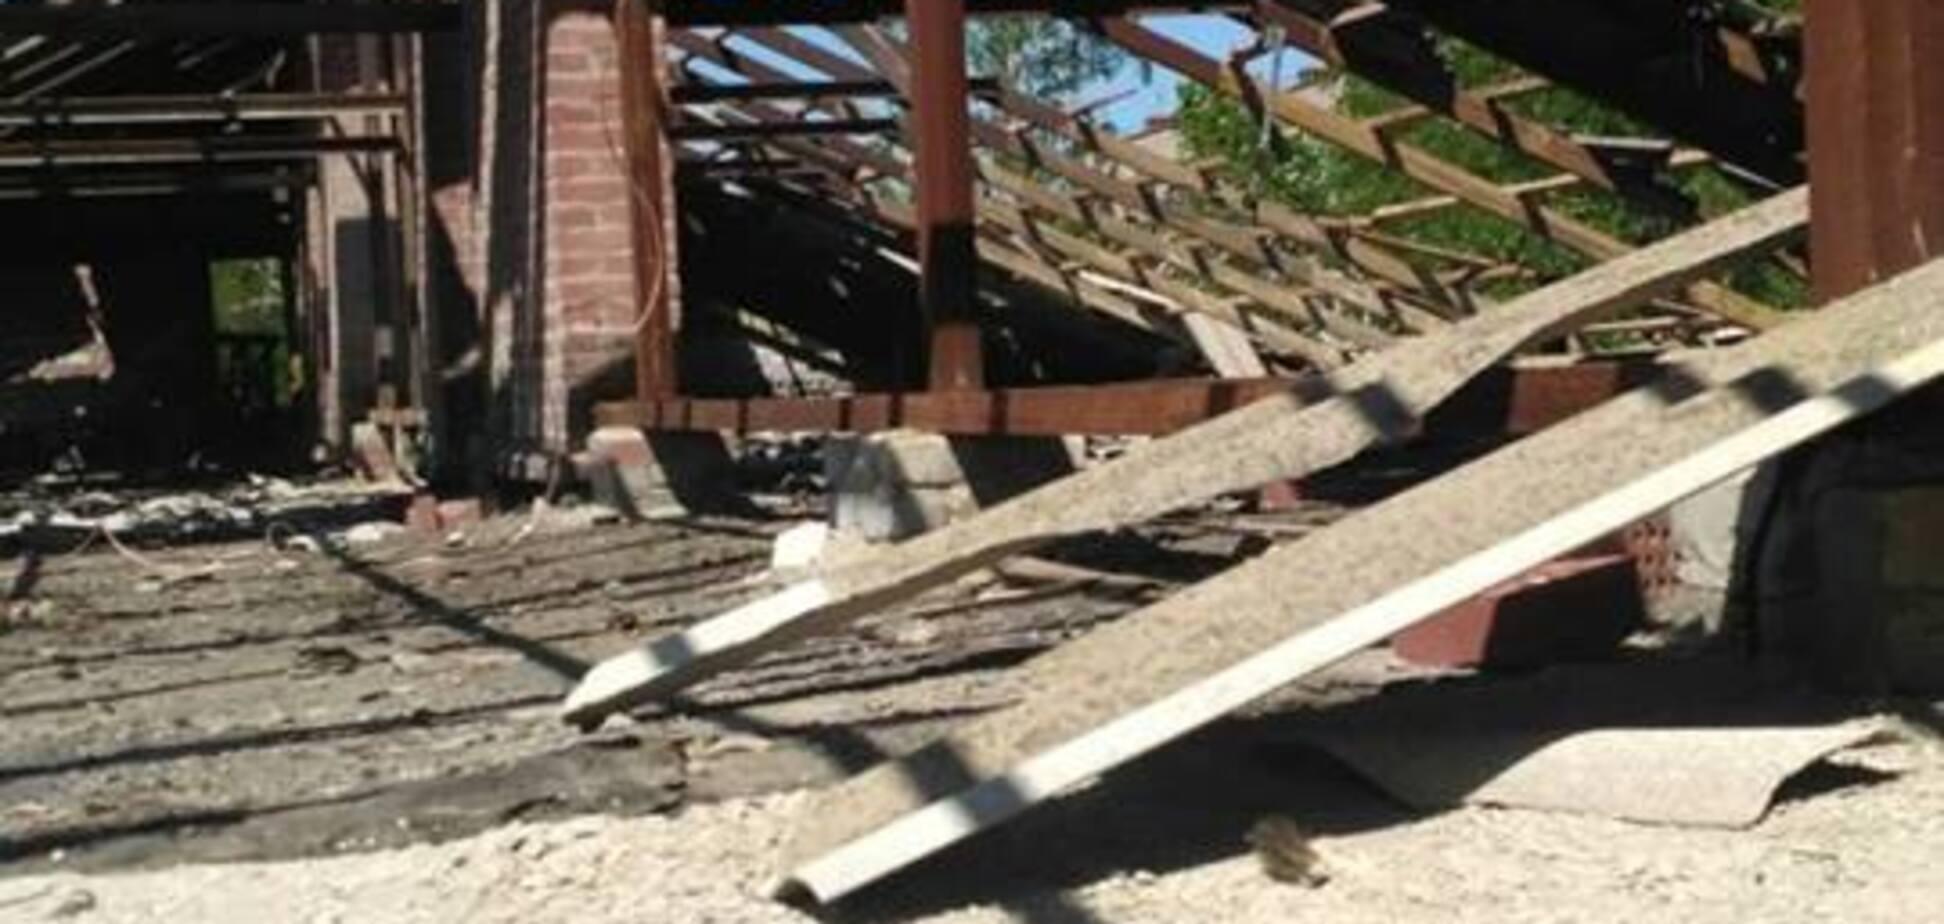 Терористи 'ДНР' обстріляли житлові будинки Майорська: з'явилися фото руйнувань